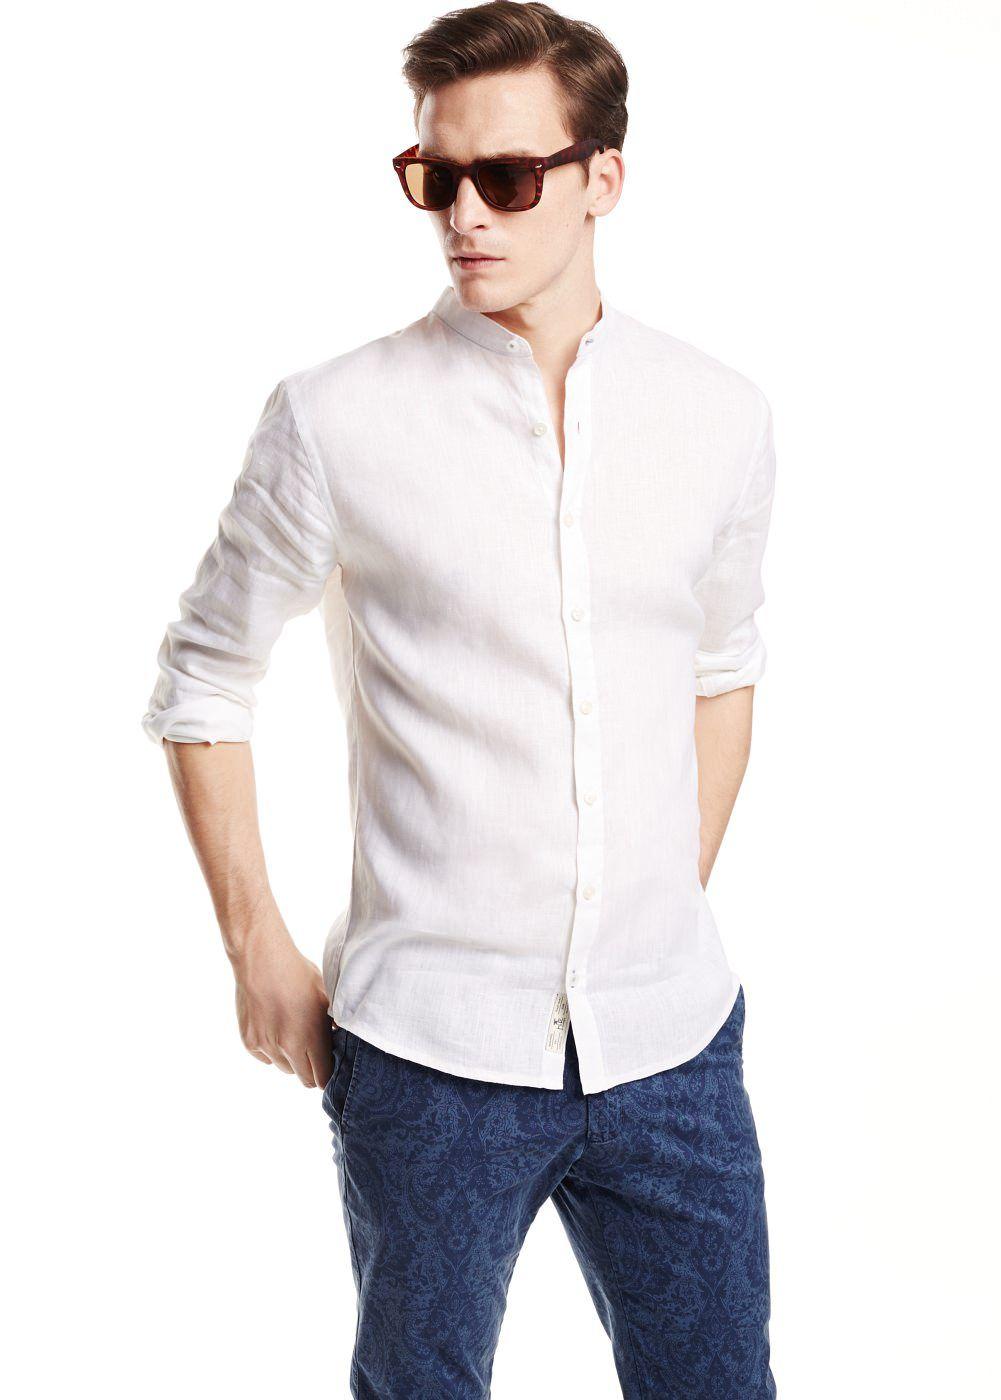 2684707cc7f5 Slim fit hemd mit mao-kragen - Herren